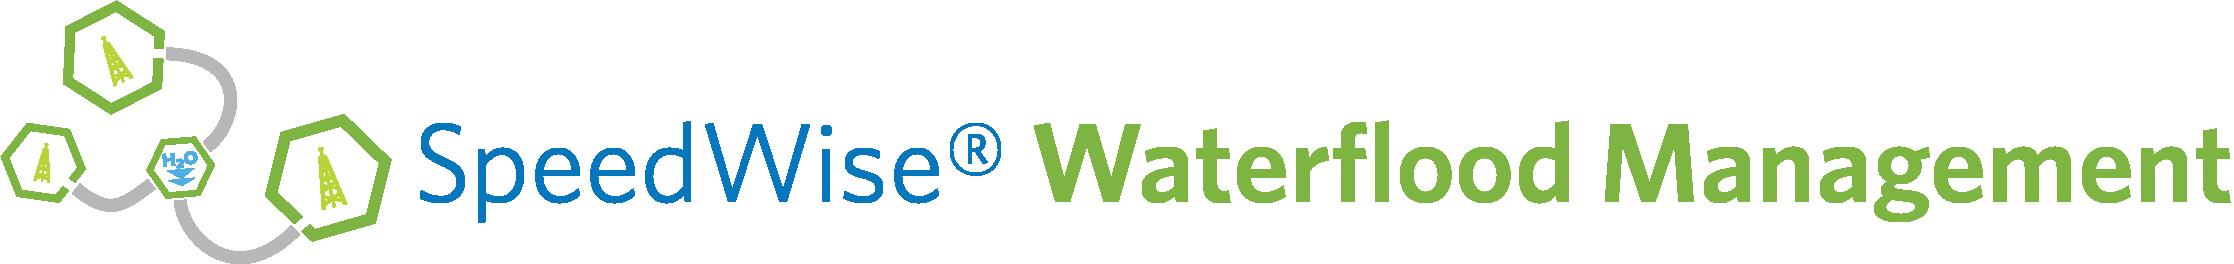 SWM - SpeedWise Waterflood Management logo